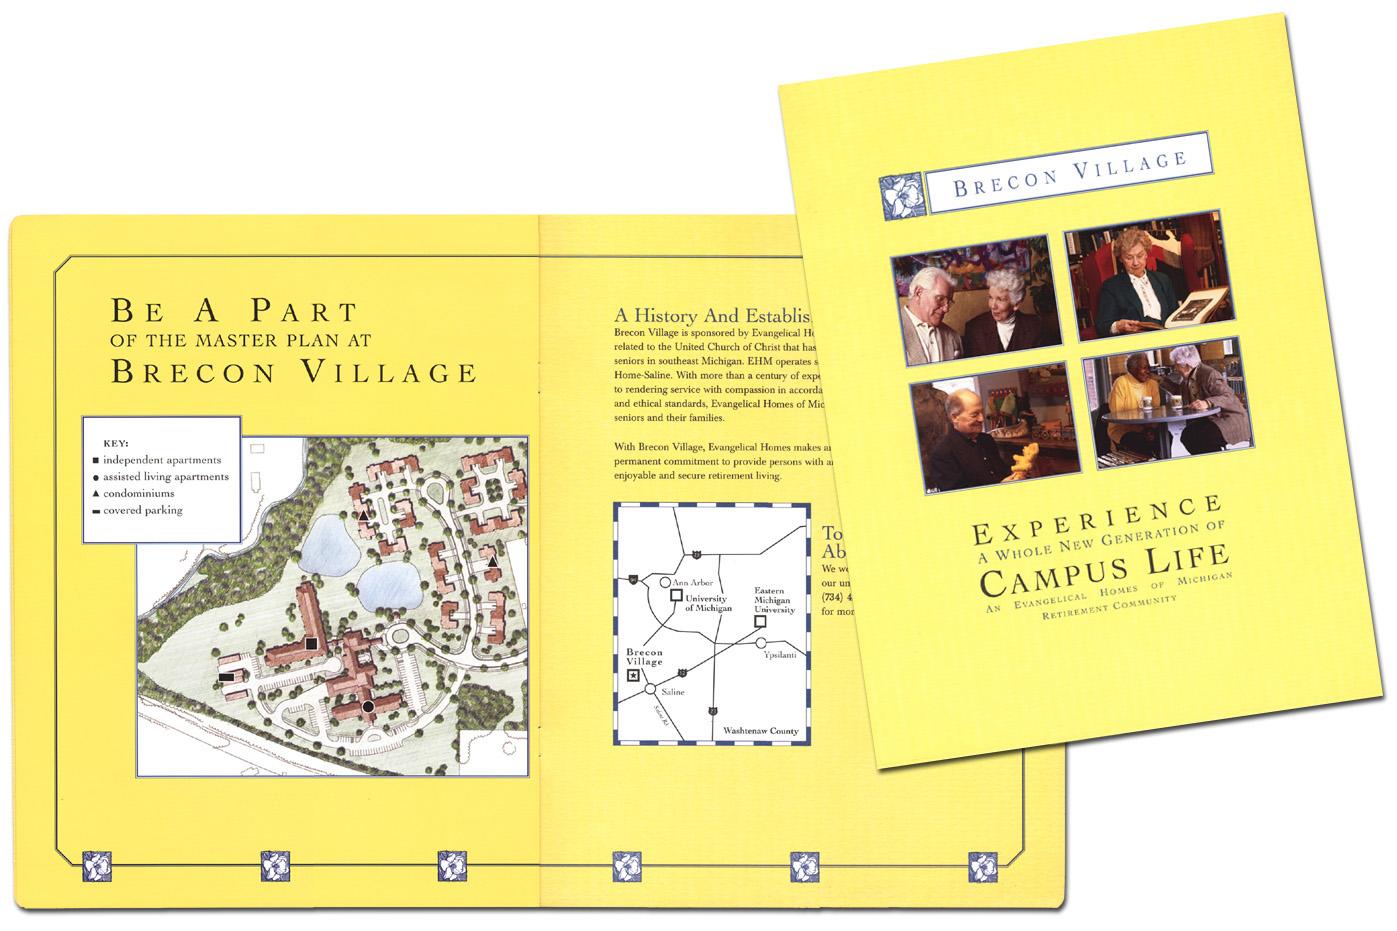 PKS_breconvillage brochure2.jpg